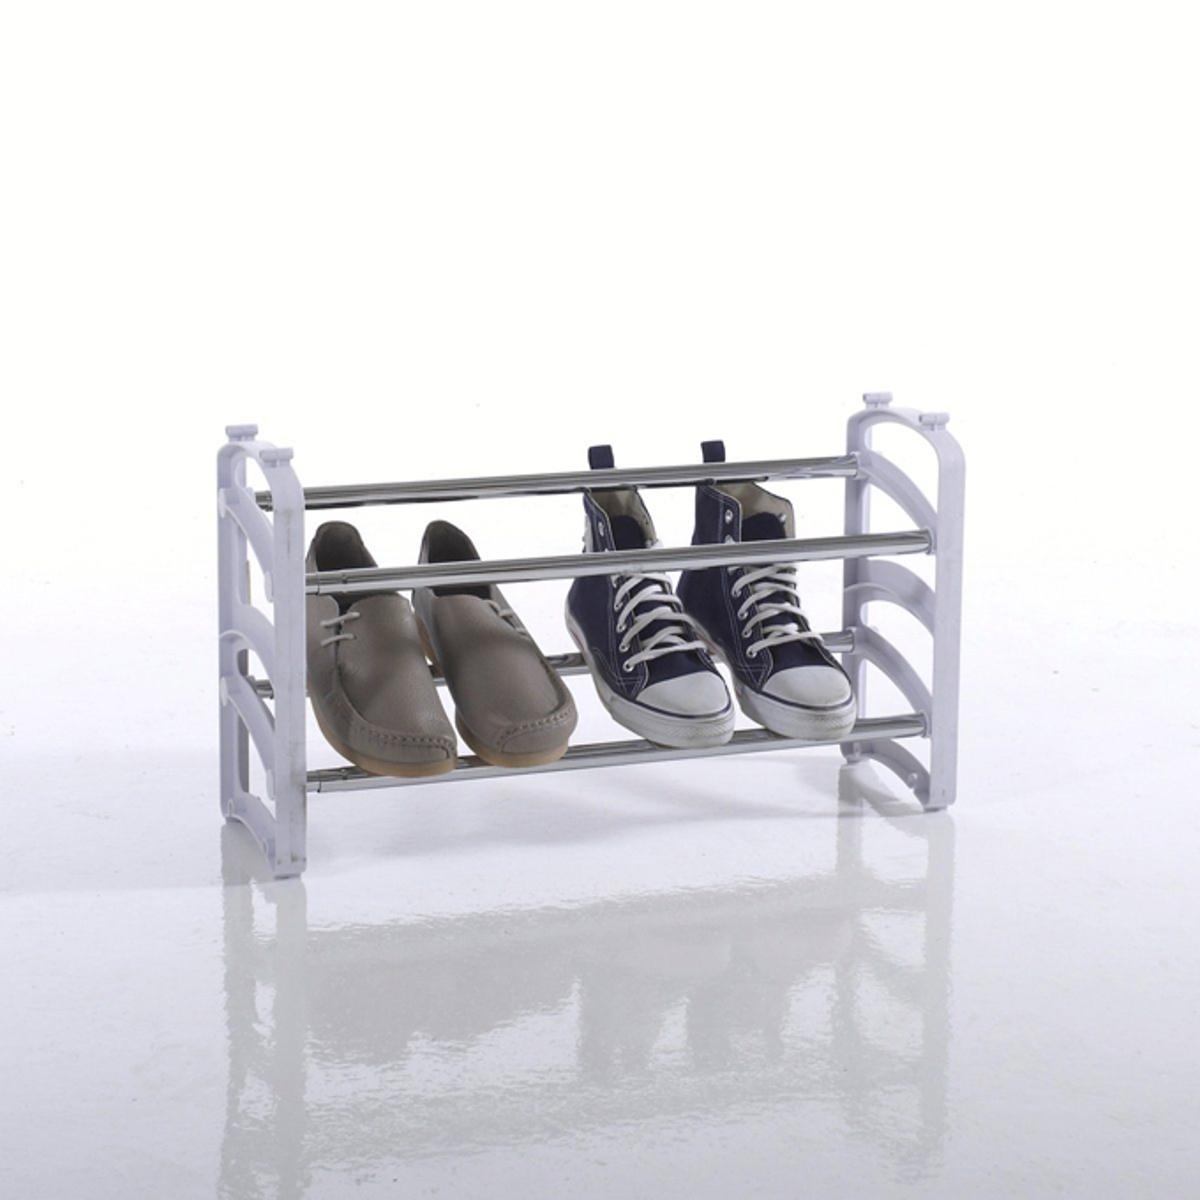 Полка для обуви раздвижная AMPILEРаздвижная полка для обуви длиной от 58 до 102,5 см позволяет хранить до 12 пар обуви. Небольшая глубина (17,8 см) позволяет разместить ее практически где угодно, в том числе внутри шкафа !Характеристики полки для обуви AMPILE :Металлические рейки, детали из белого пластика.Описание полки для обуви AMPILE :- Раздвижная по длине. Есть возможность ставить полки друг на друга.- Позволяет хранить до 12 пар обуви.Готова к сборке в соответствии с прилагающейся инструкцией.Размеры :- Длина от 58 до 102,5 x В.32 x Г.17,8 см.<br><br>Цвет: белый